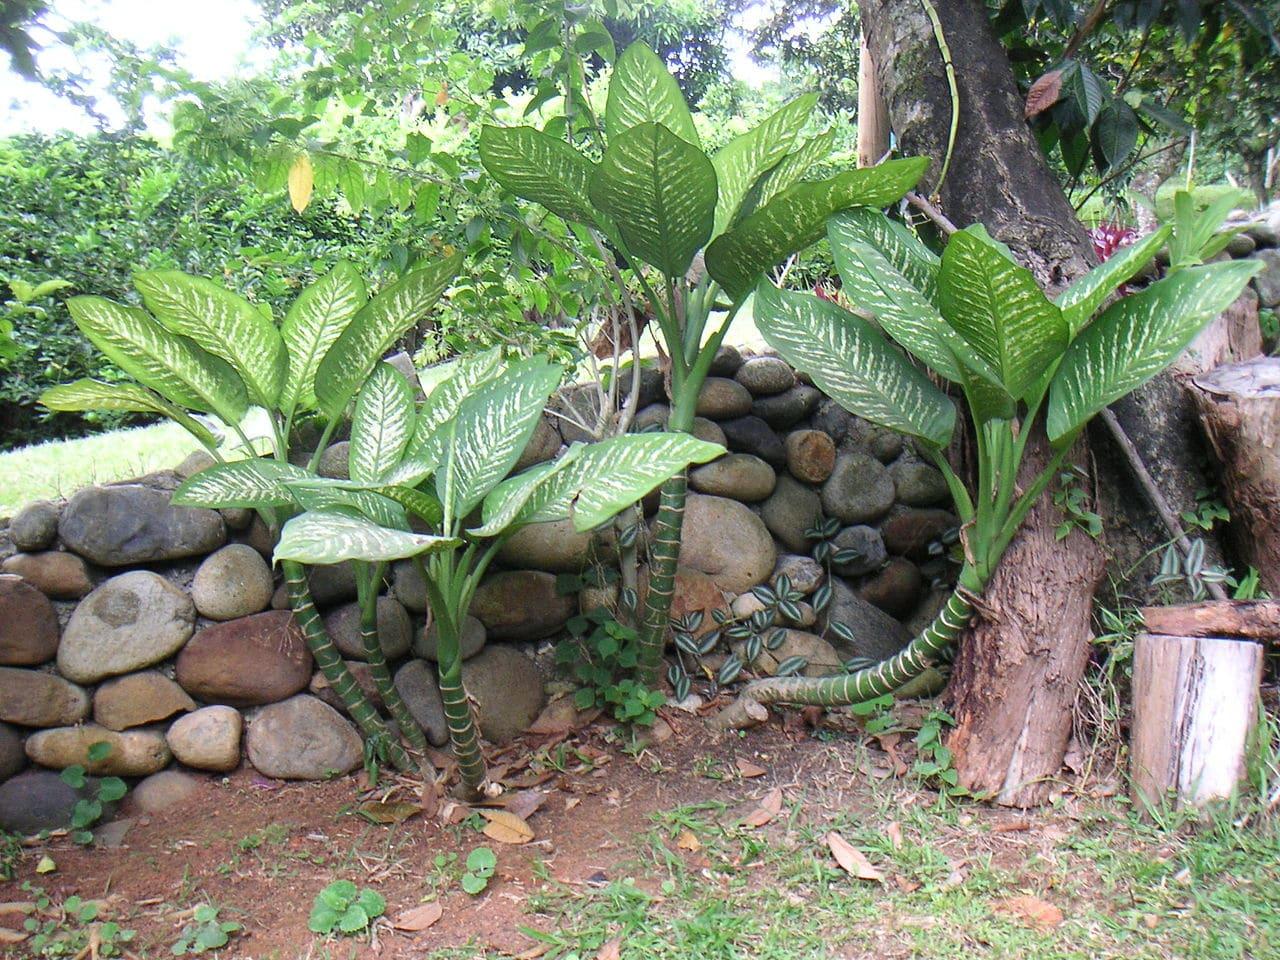 Vista de la dieffenbachia en jardin